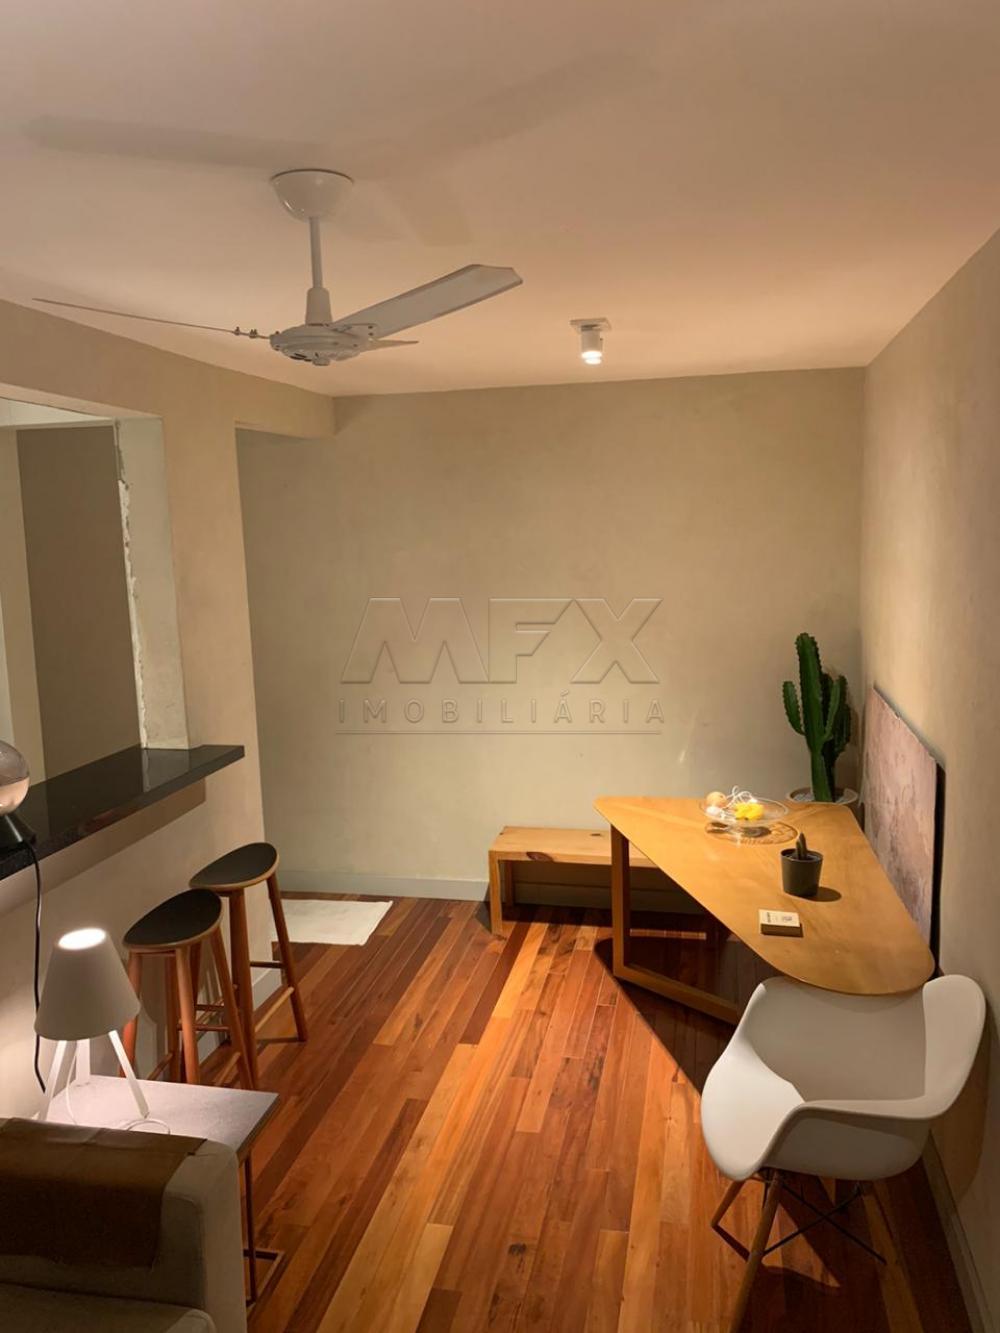 Comprar Apartamento / Padrão em Bauru apenas R$ 155.000,00 - Foto 1